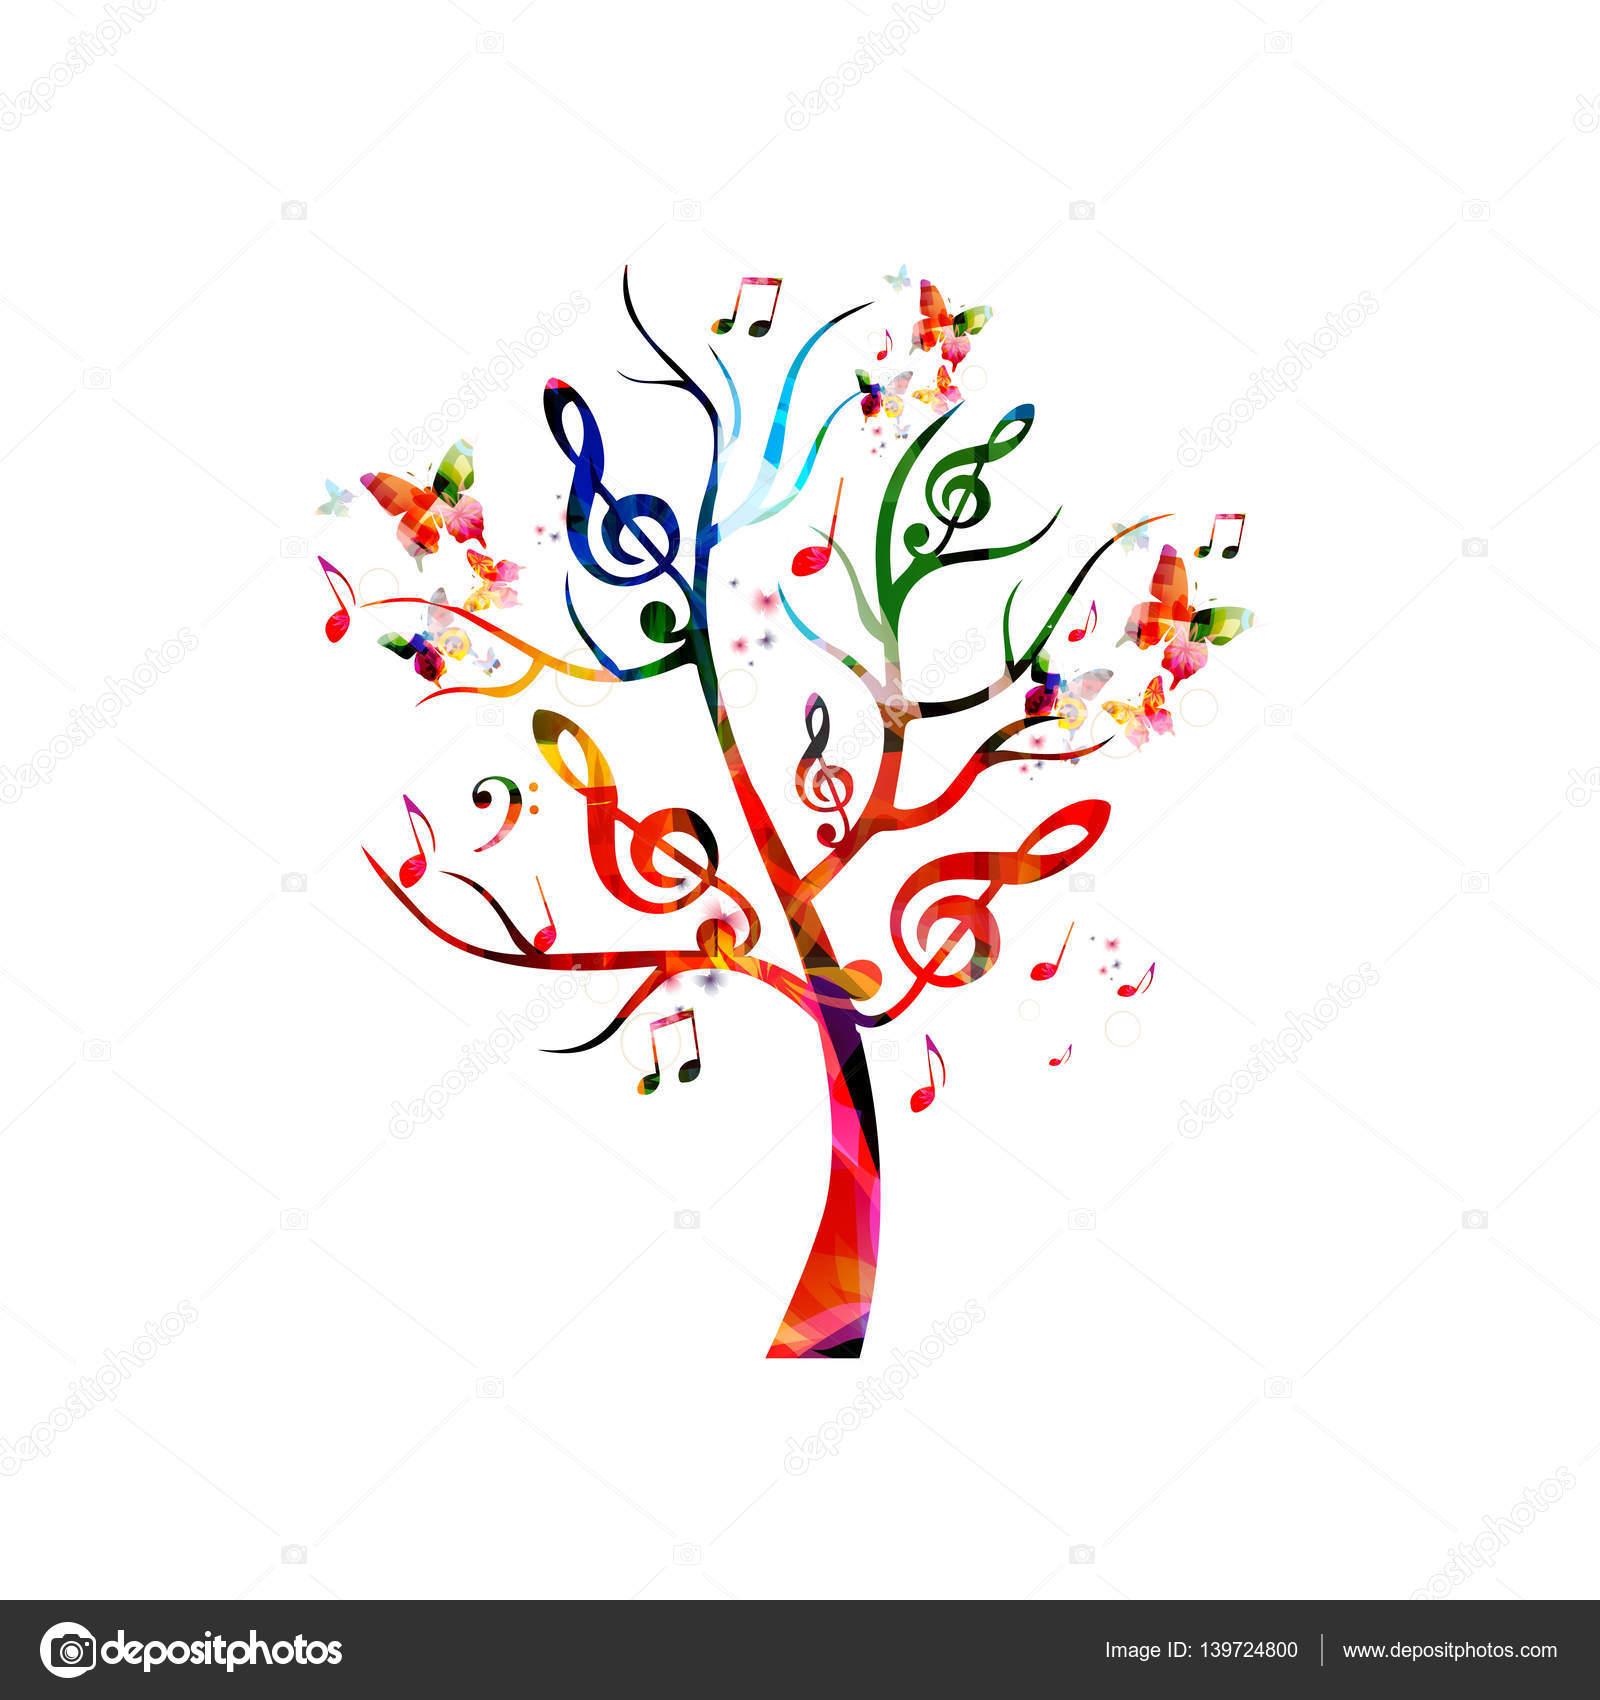 arbre avec des notes de musique et papillons image vector music notes png vector music notes background